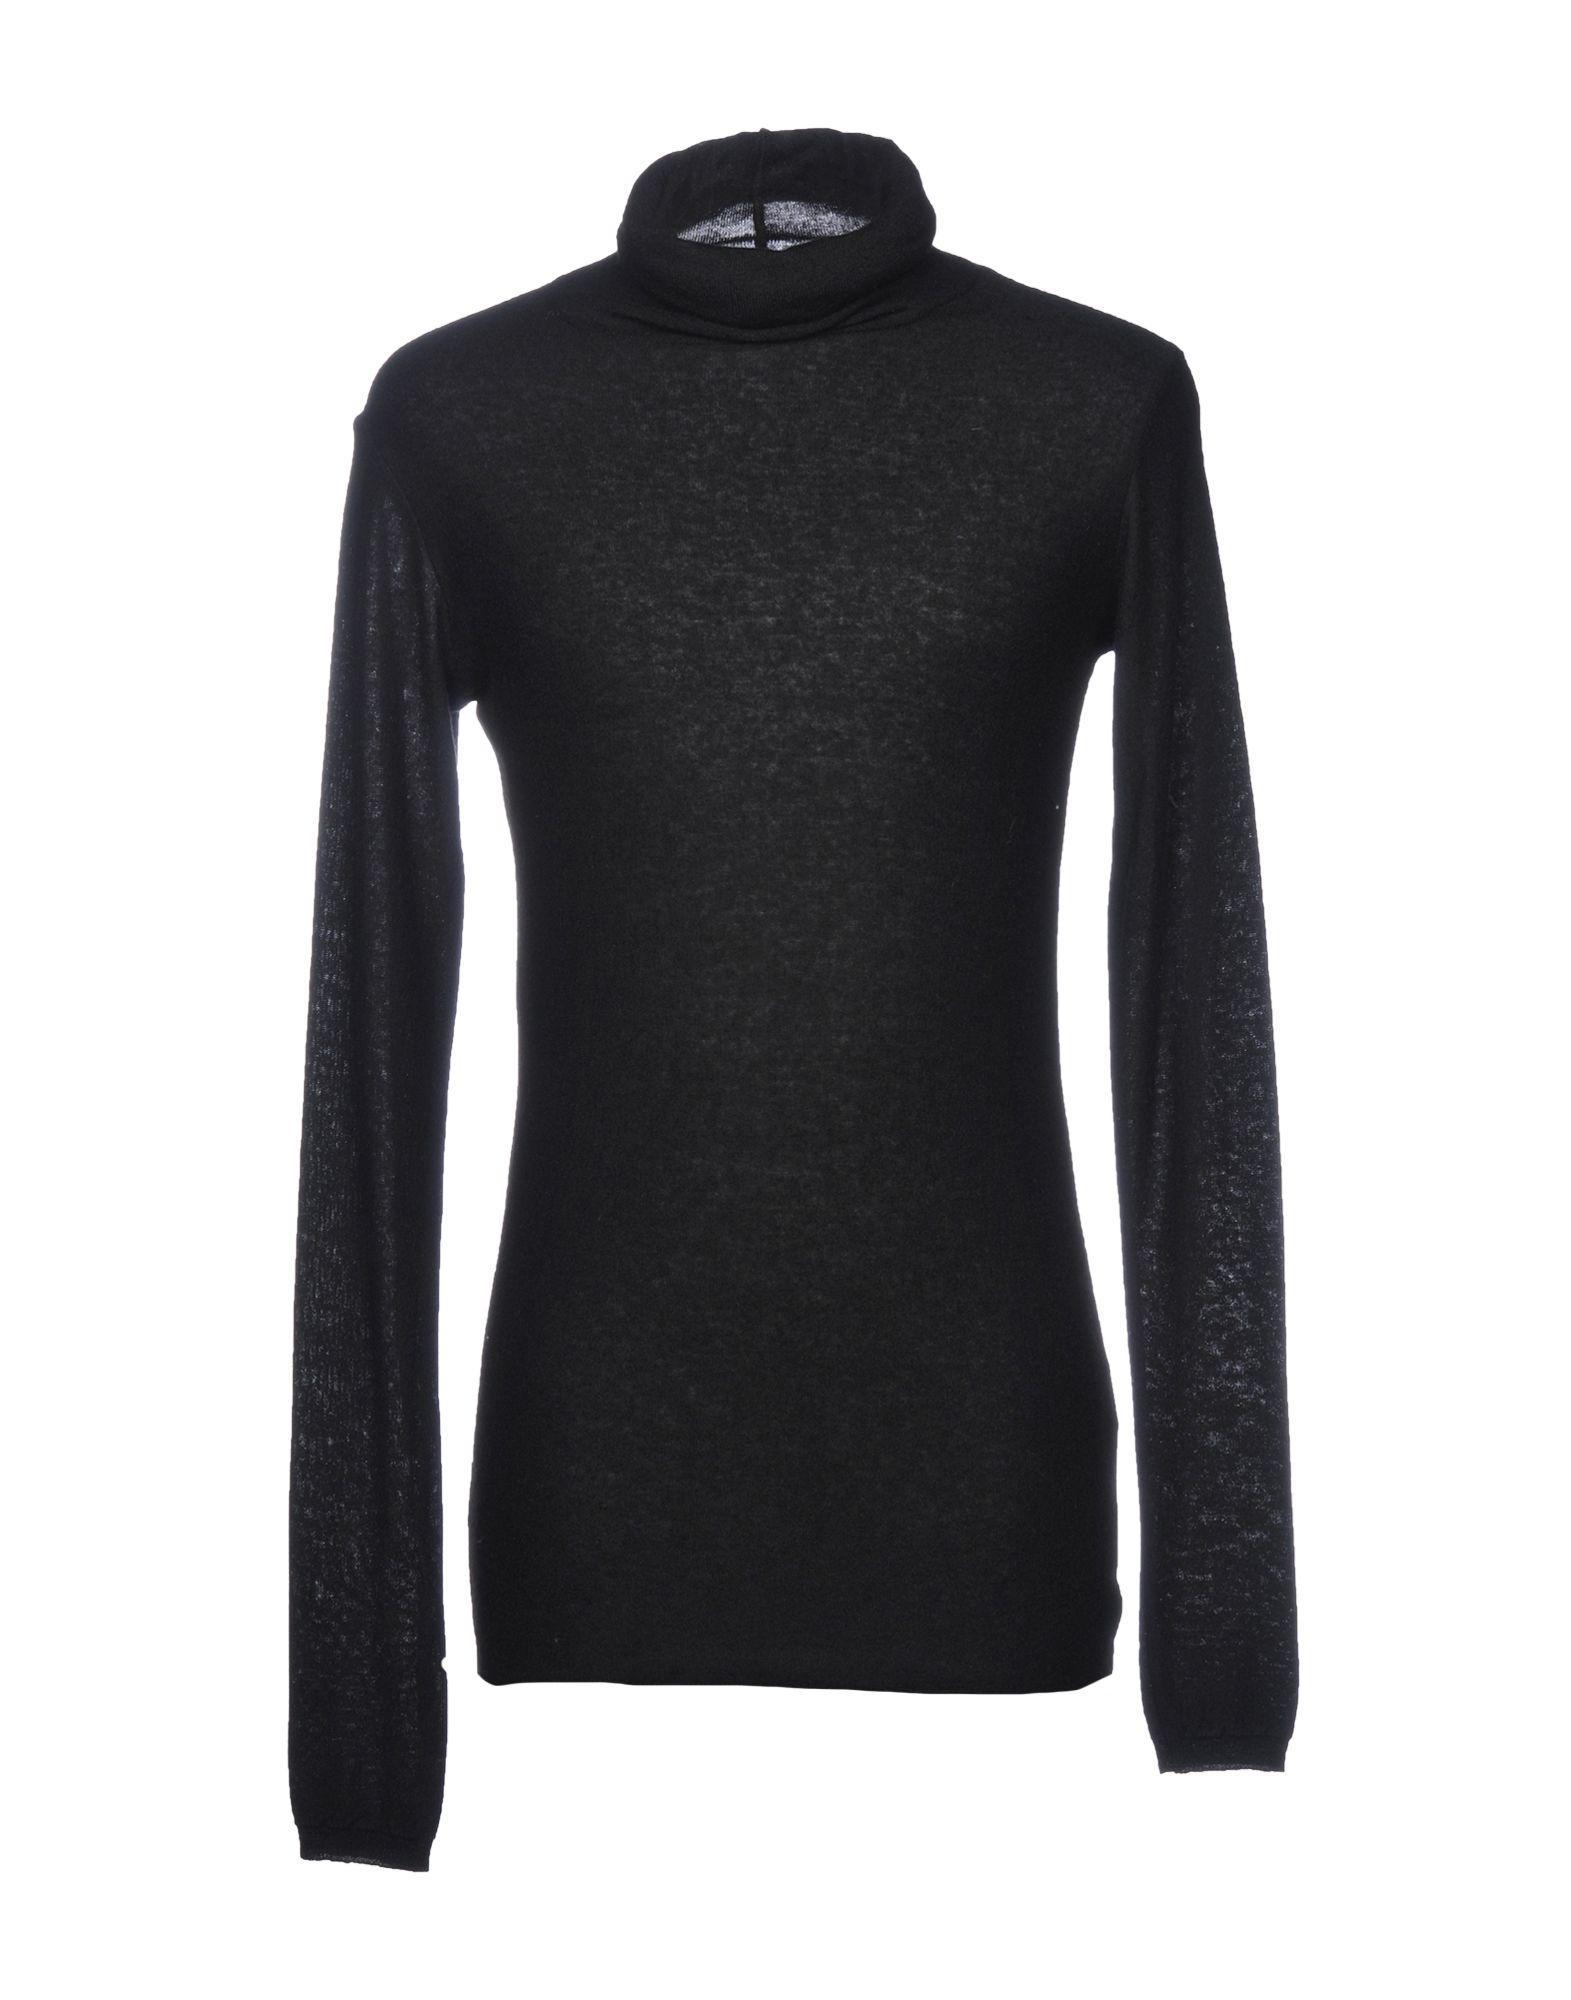 Overcome Cashmere Blend In Black